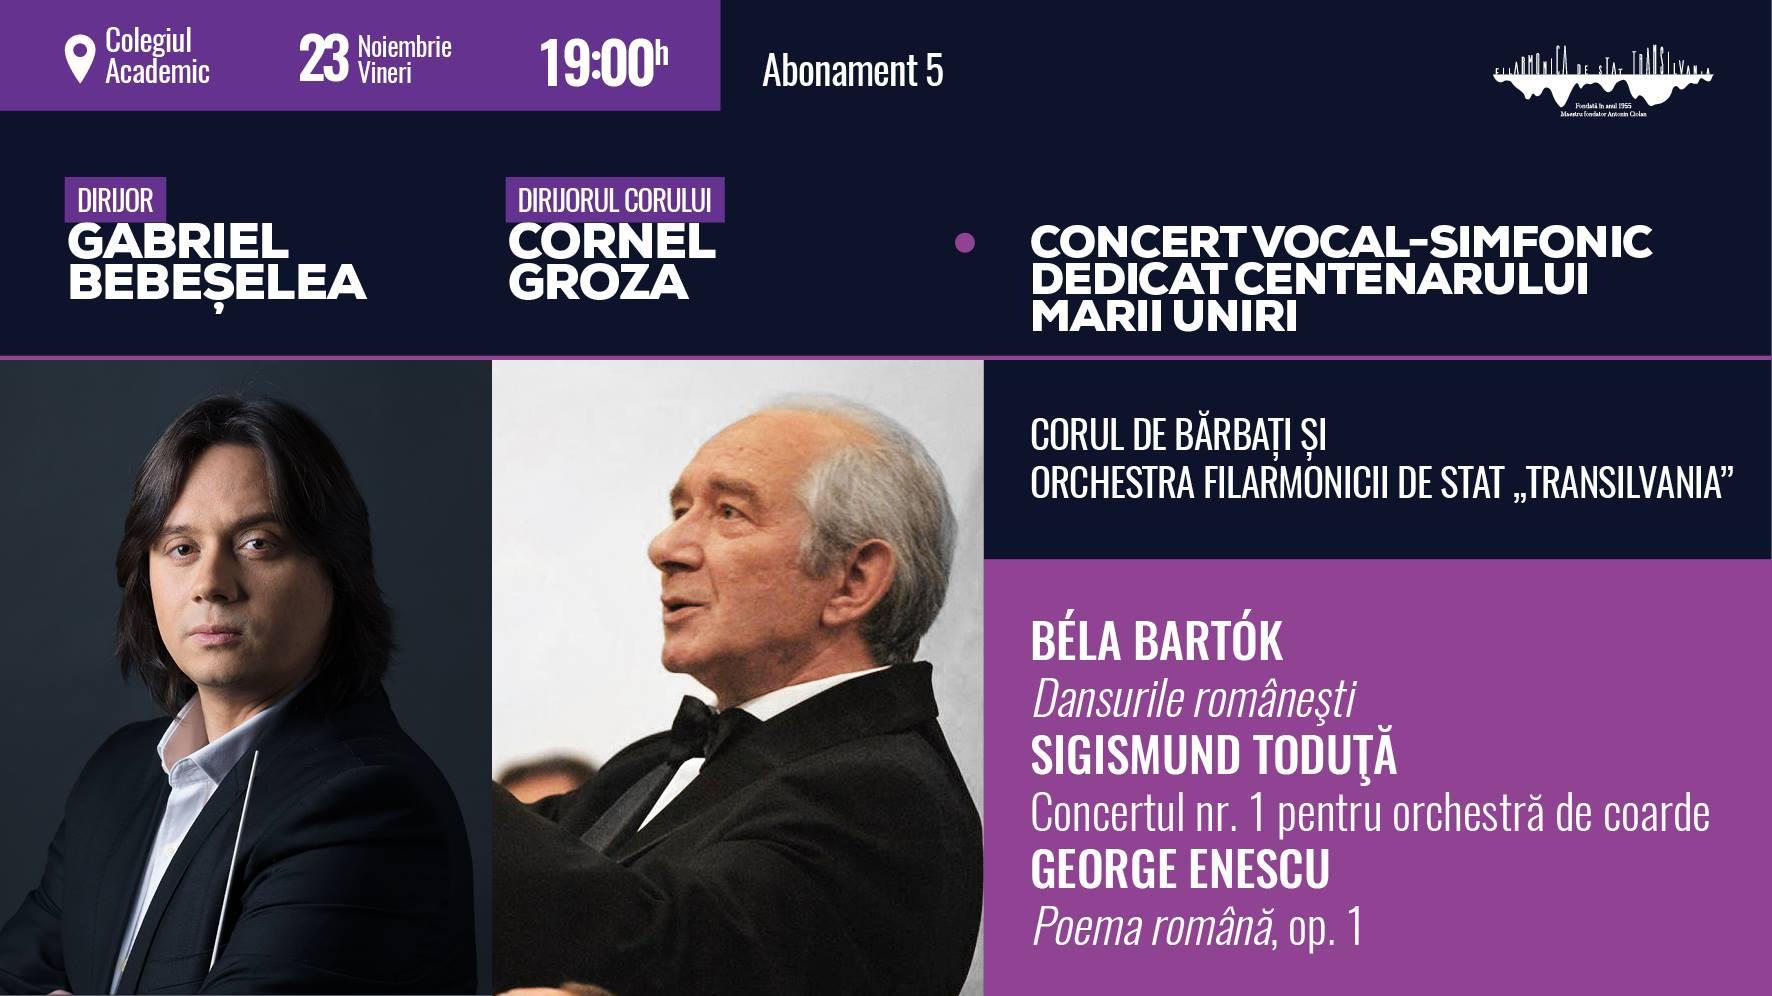 """Concert vocal-simfonic dedicat Centenarului Marii Uniri oferit de Filarmonica de Stat """"Transilvania"""""""